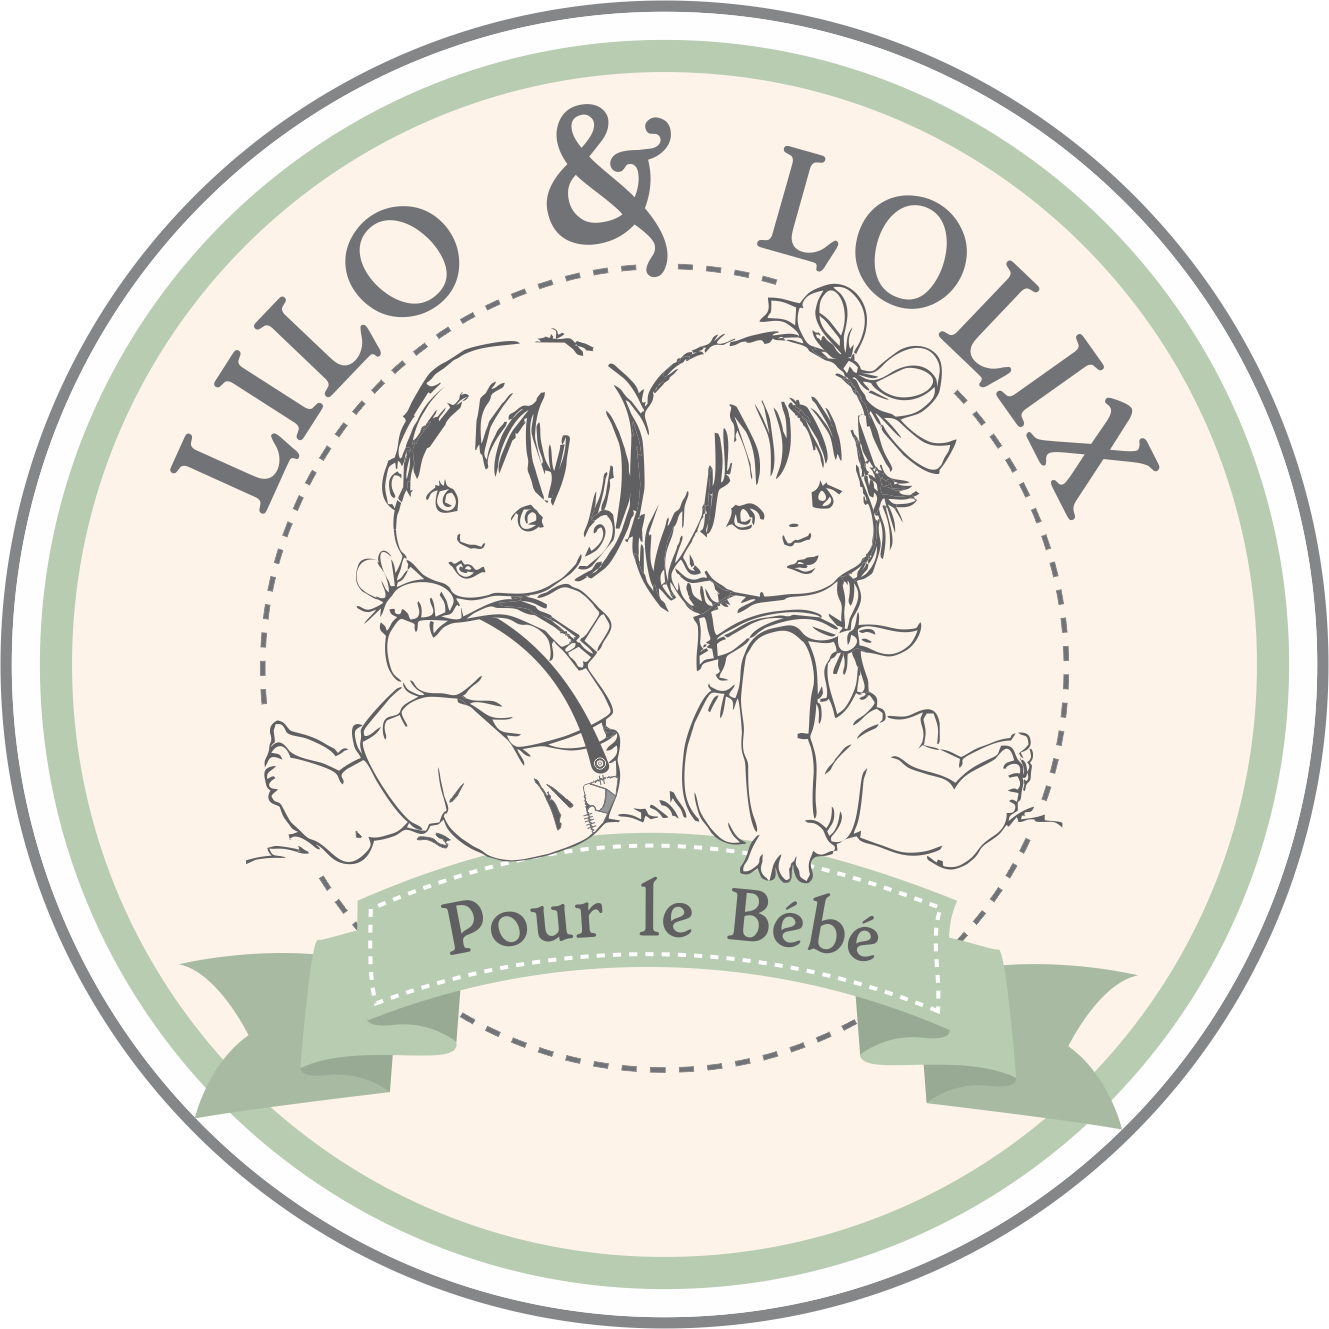 Logotipo Lilo e Lolix